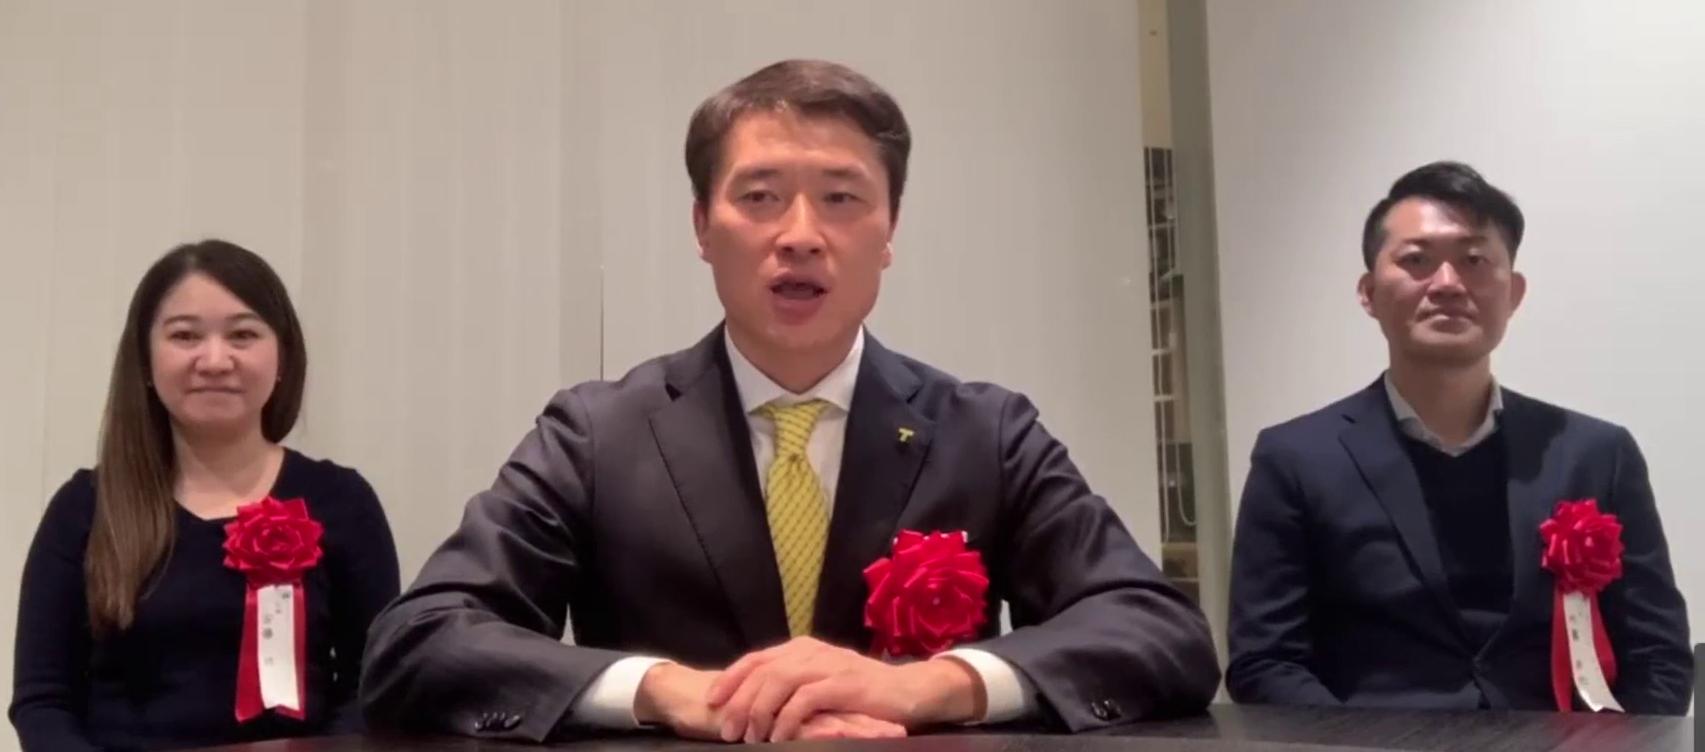 第9回技術経営・イノベーション大賞 総務大臣賞1